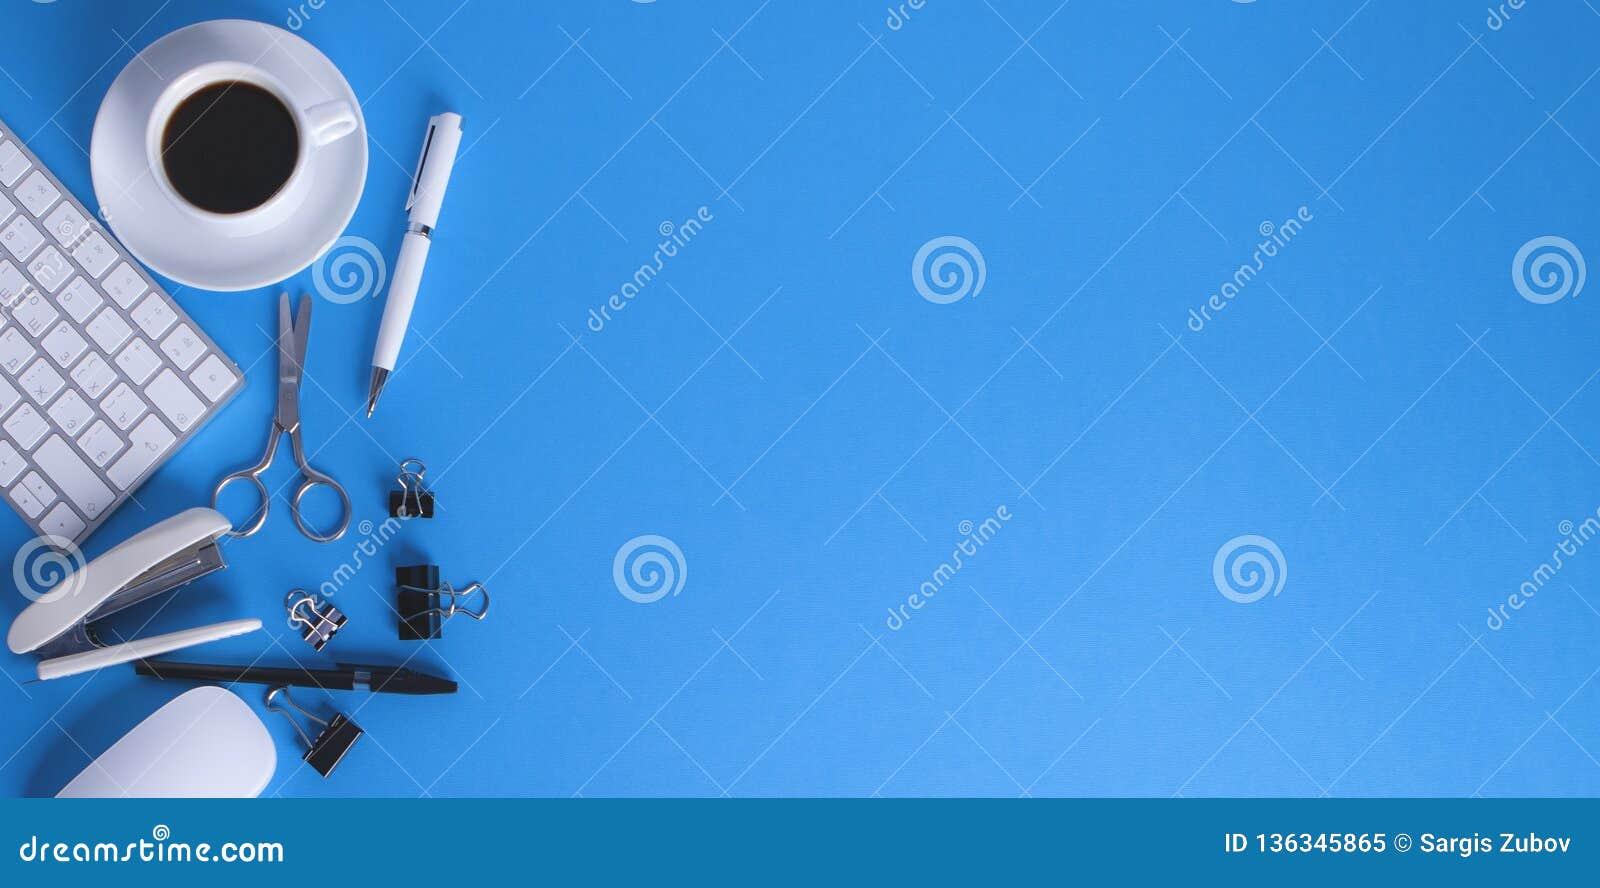 Bürozubehöre auf blauem Hintergrund